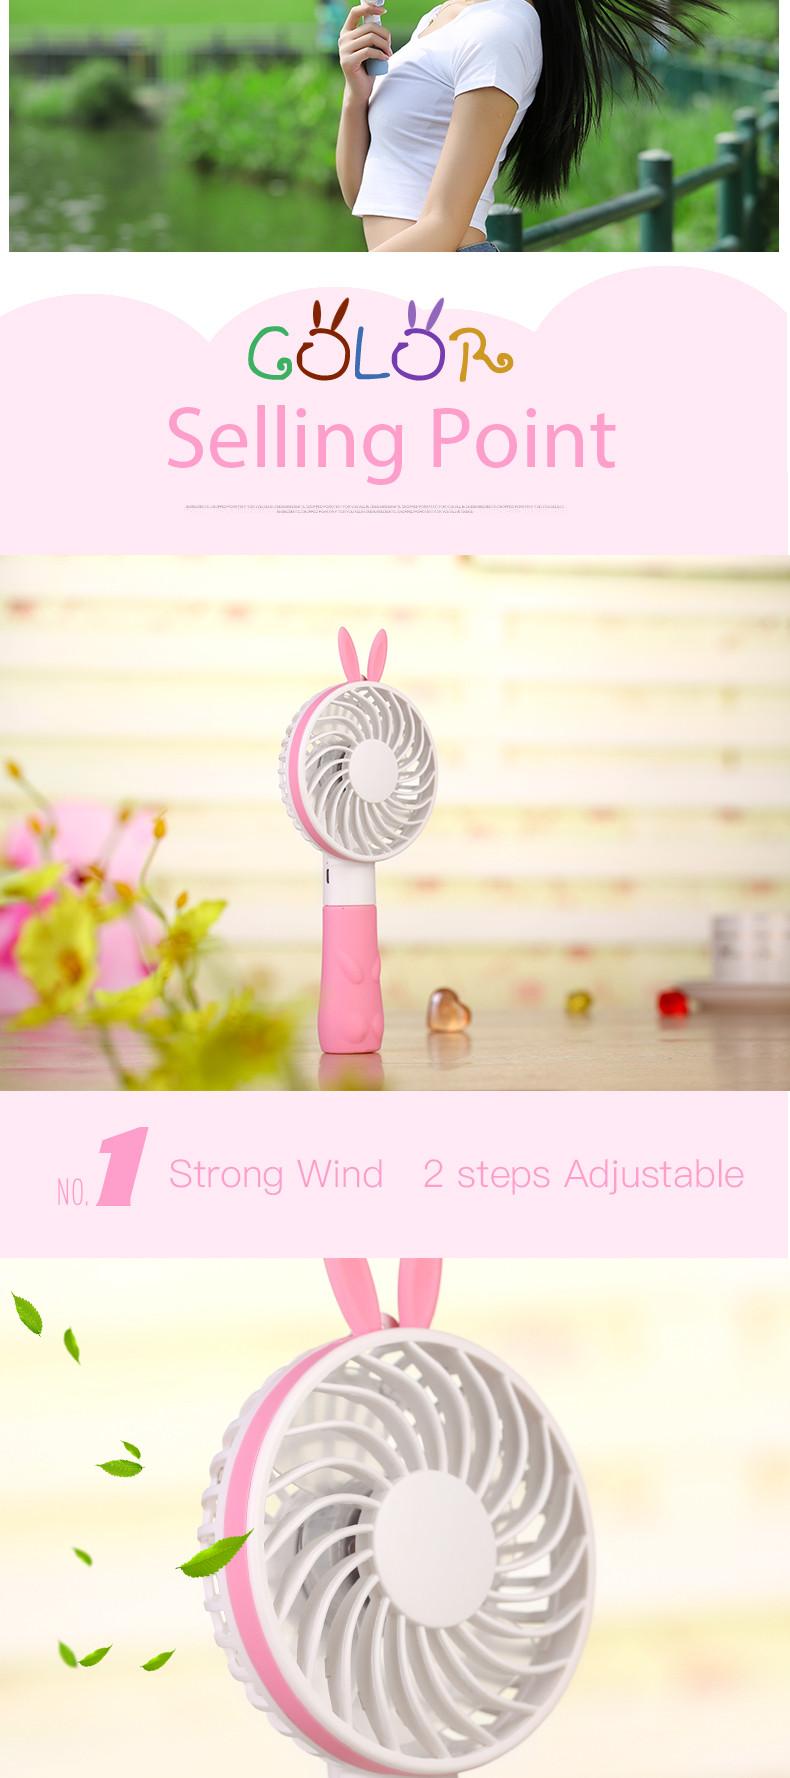 Portable 2 in 1 usb mini fan Motor Better for baby cute rabbit ears handheld mini fan rechargeble battery